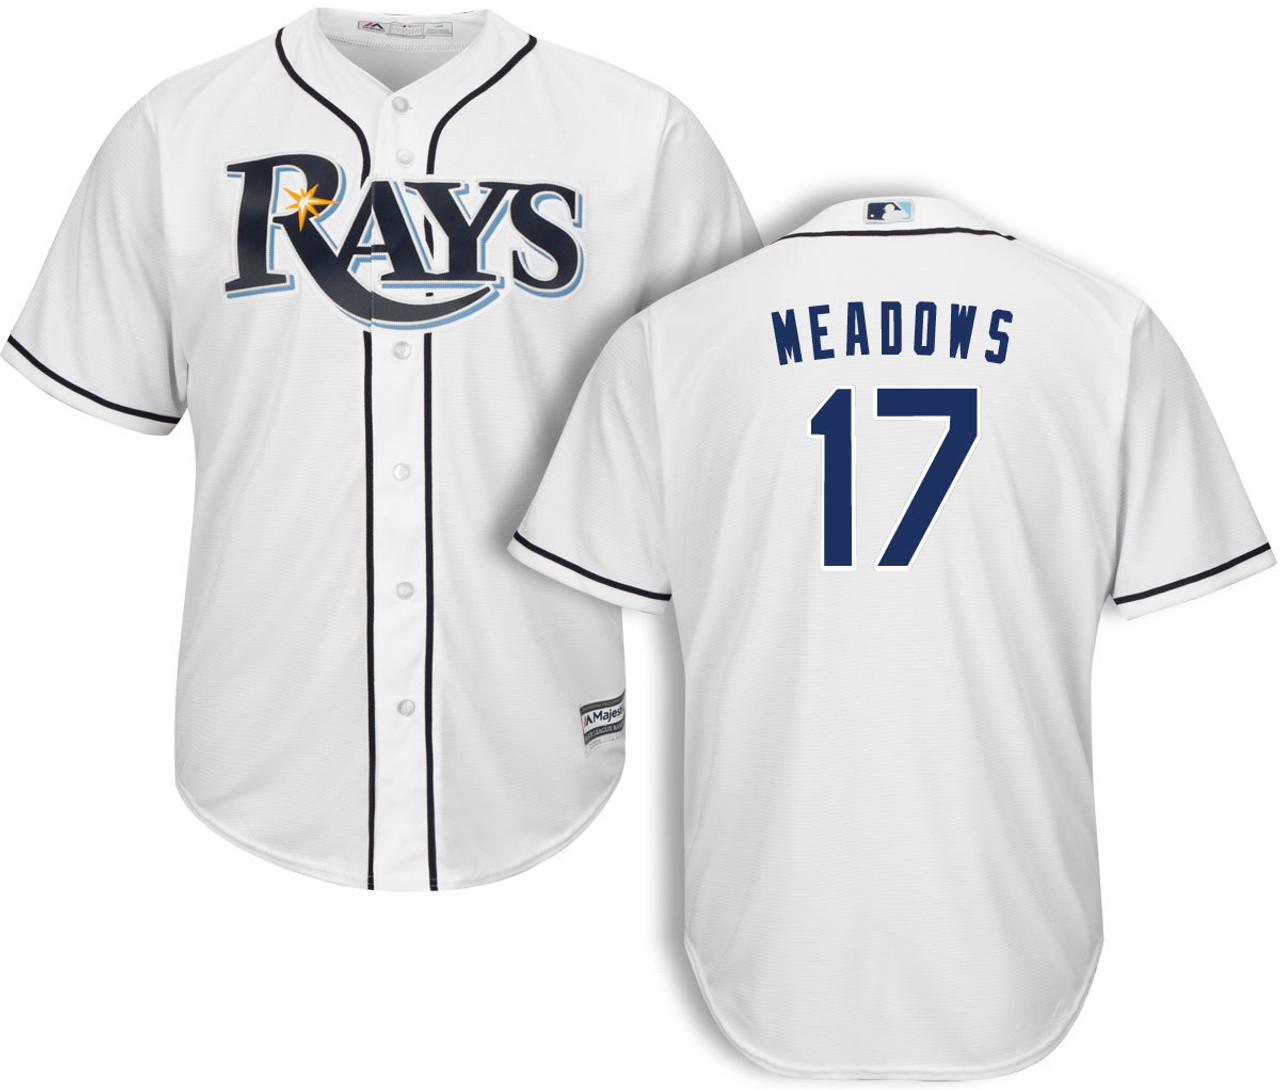 best website 422db bae1f Austin Meadows Jerseys & Shirts | Rays MLB Apparel